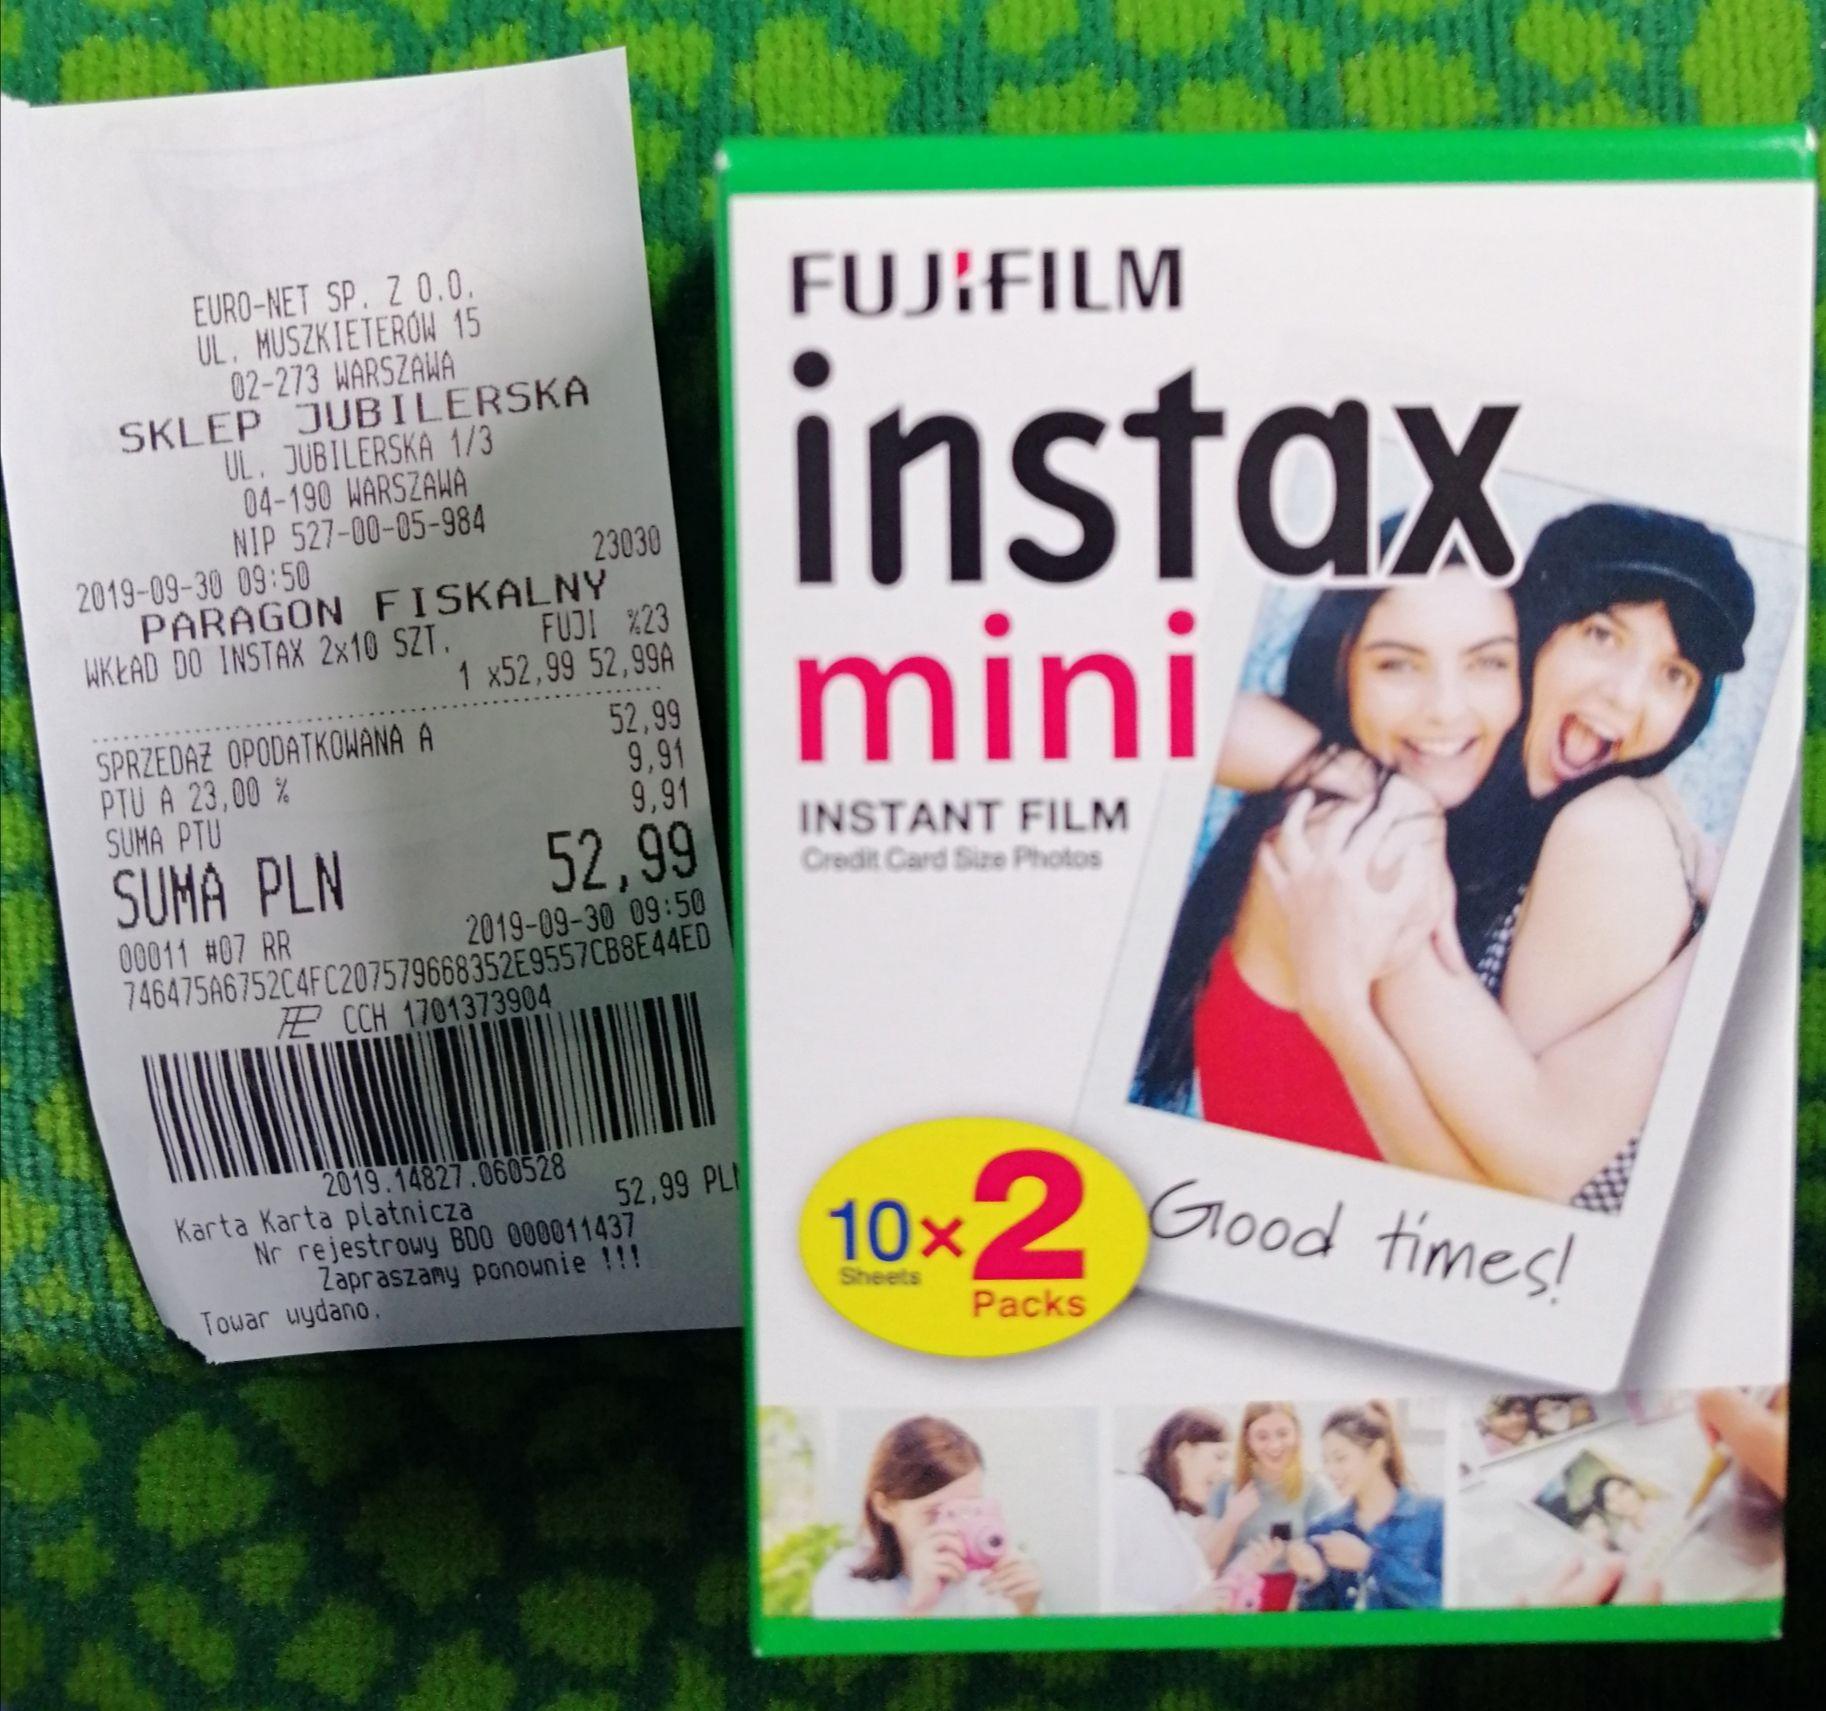 Fujifilm Instax mini wkłady